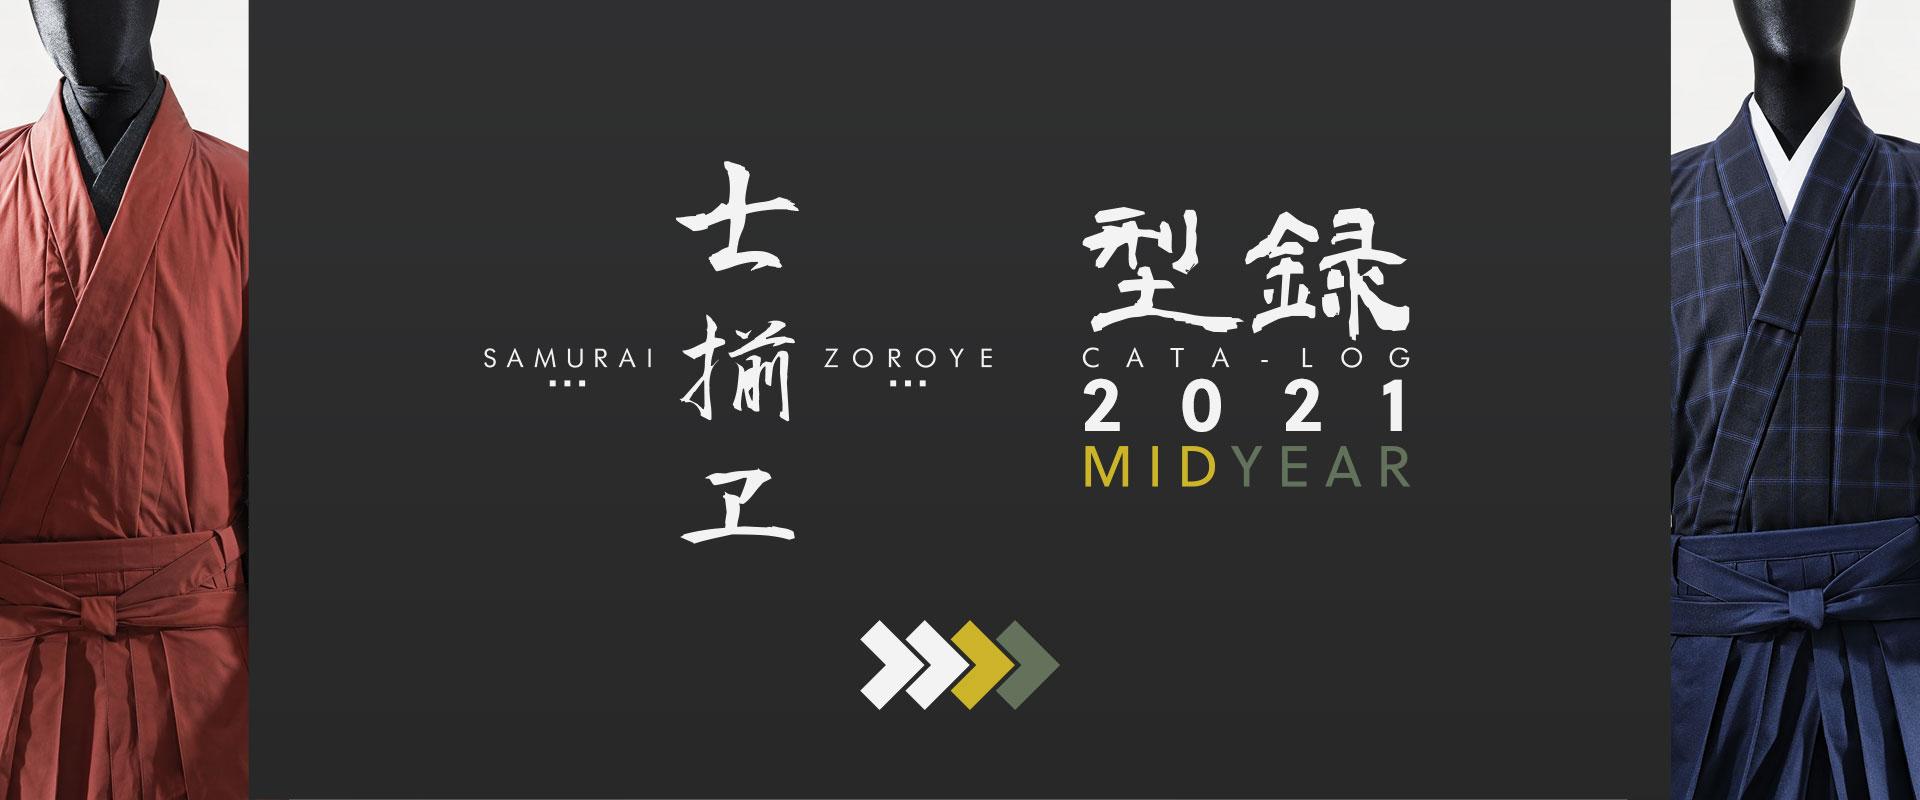 [PHOTO:SAMURAI-ZOROYE CATALOG 2021 MID YEAR]